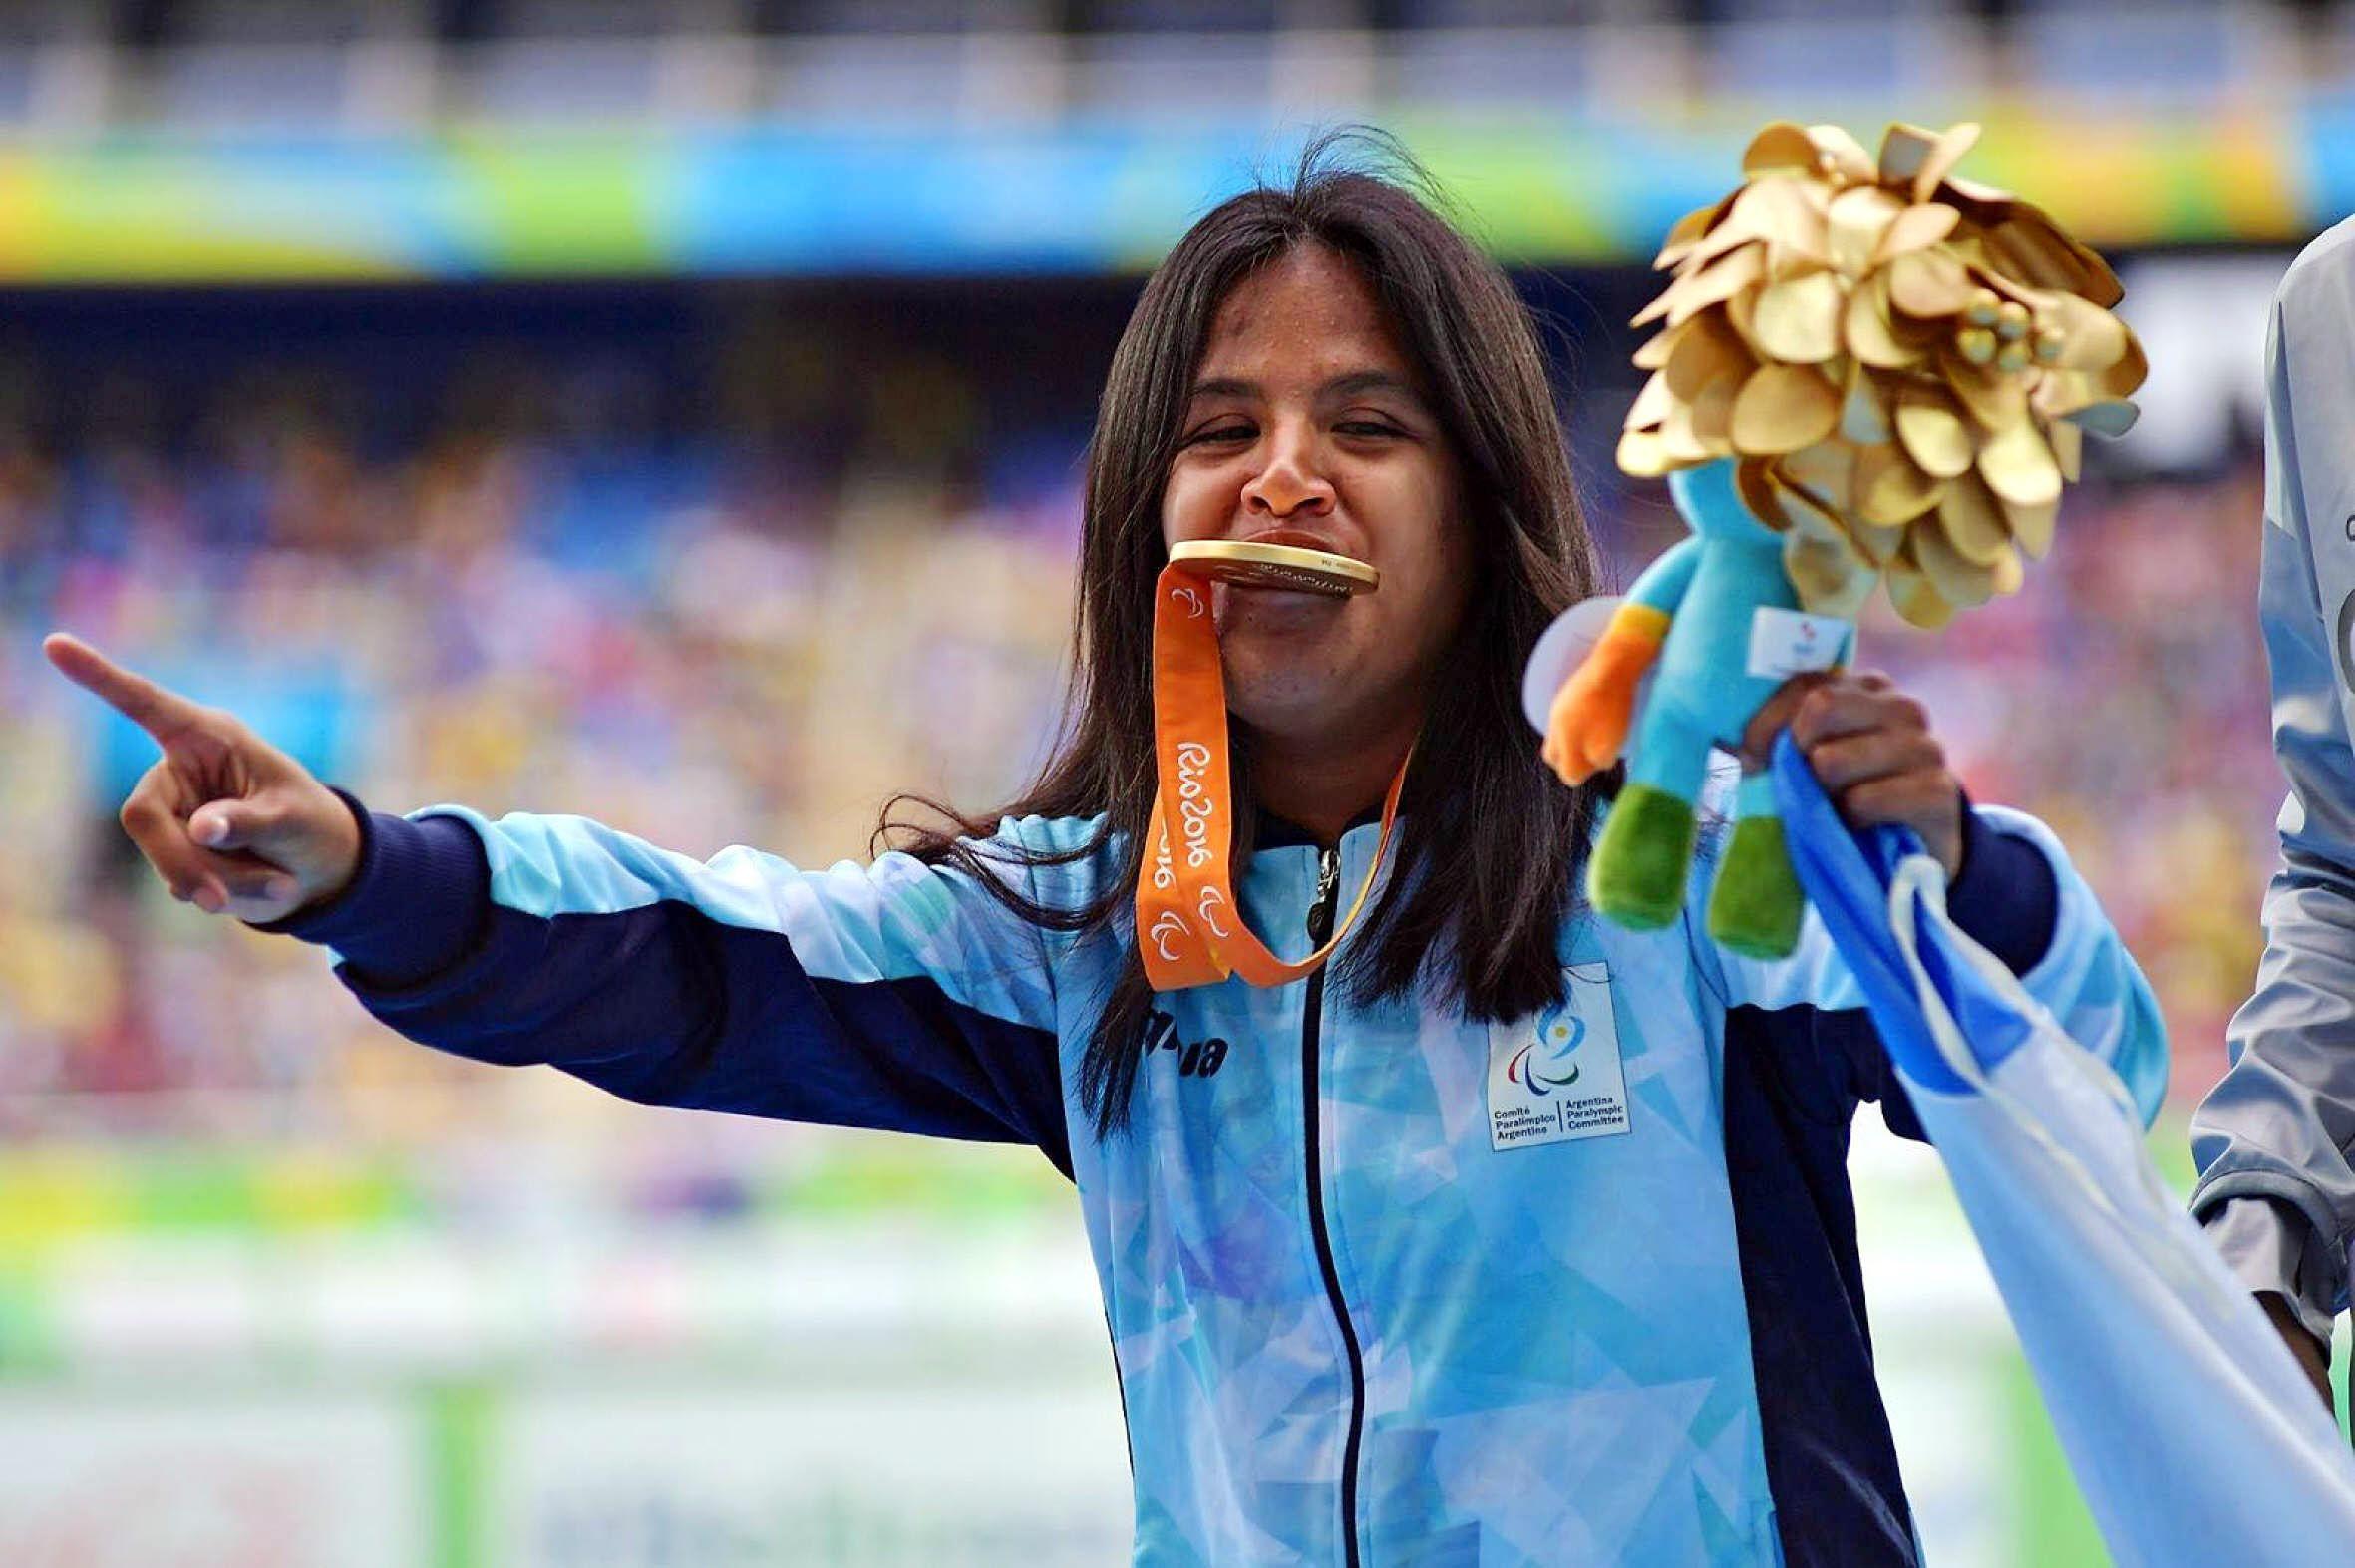 A una campeona paralímpica también le quitaron la pensión por discapacidad